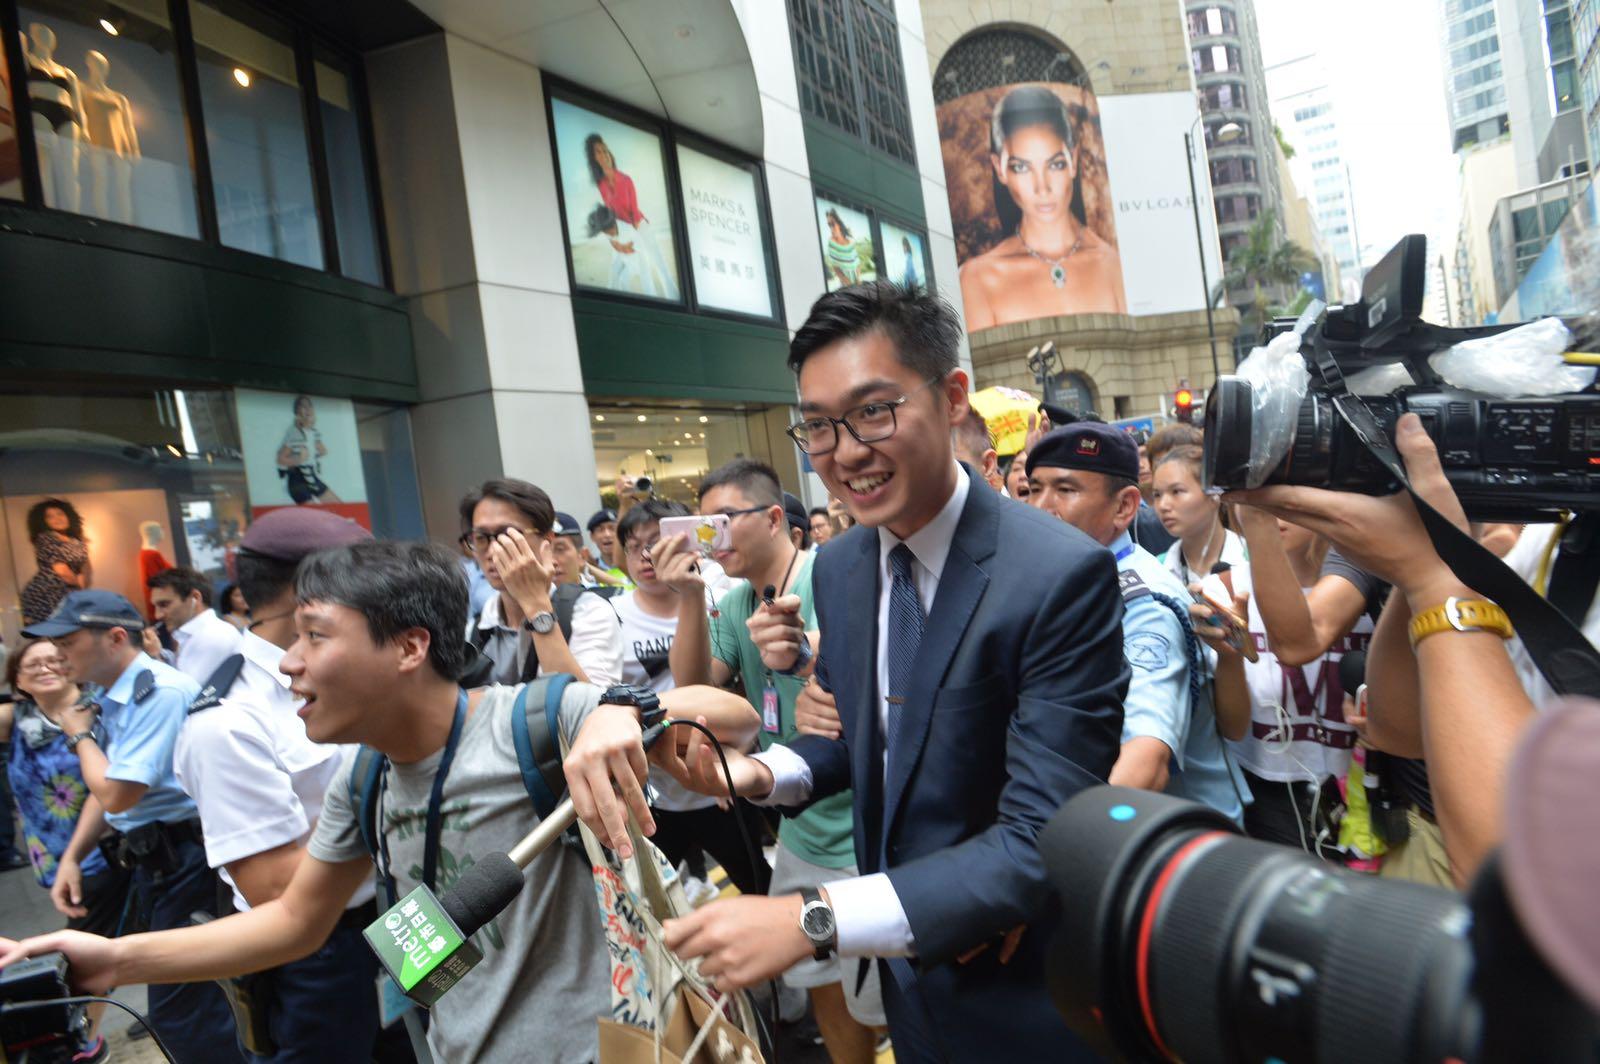 政府對FCC邀演講感遺憾,陳浩天表示如犯法可立即將他拘捕。